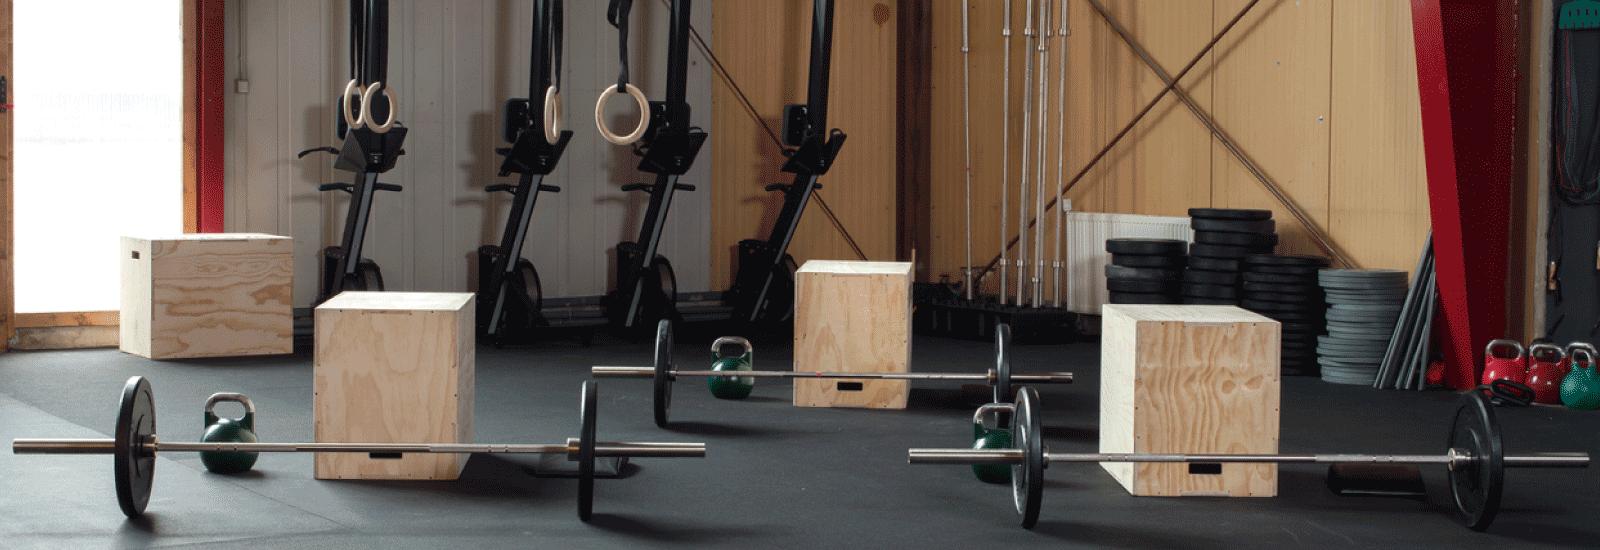 Maxwell AFB Gym